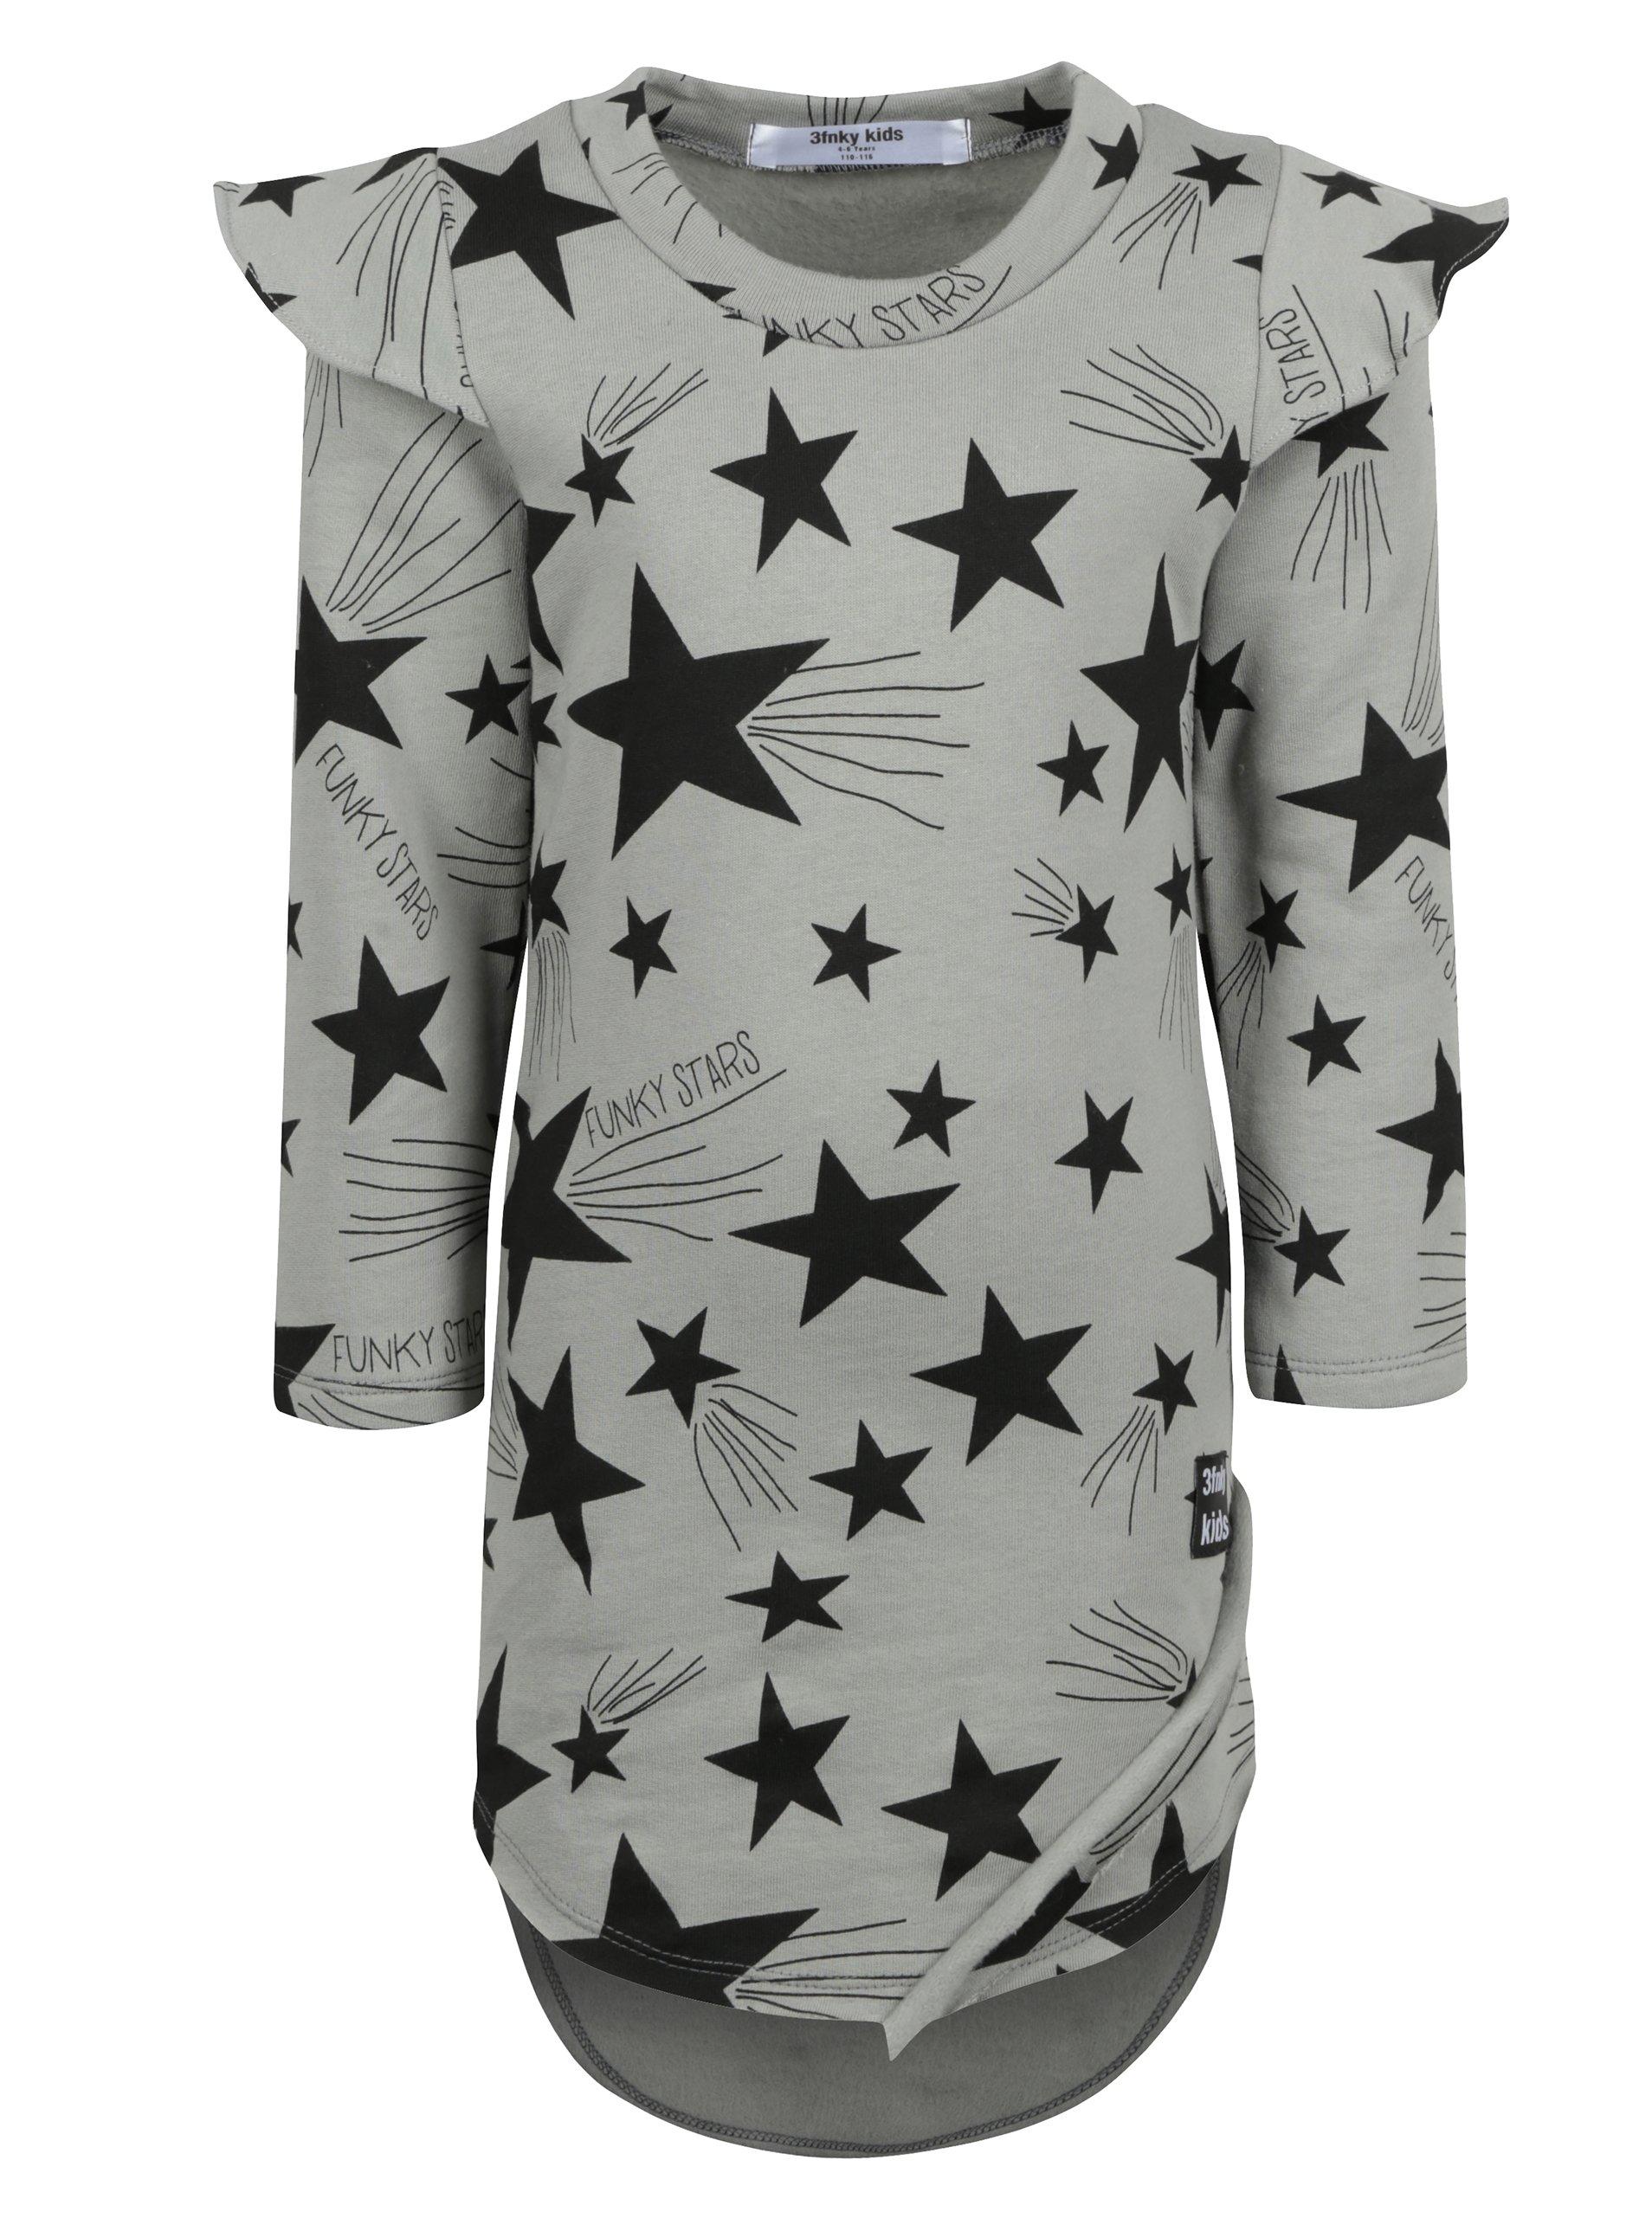 Šedé holčičí šaty s motivem hvězd a dlouhým rukávem 3fnky kids Stars